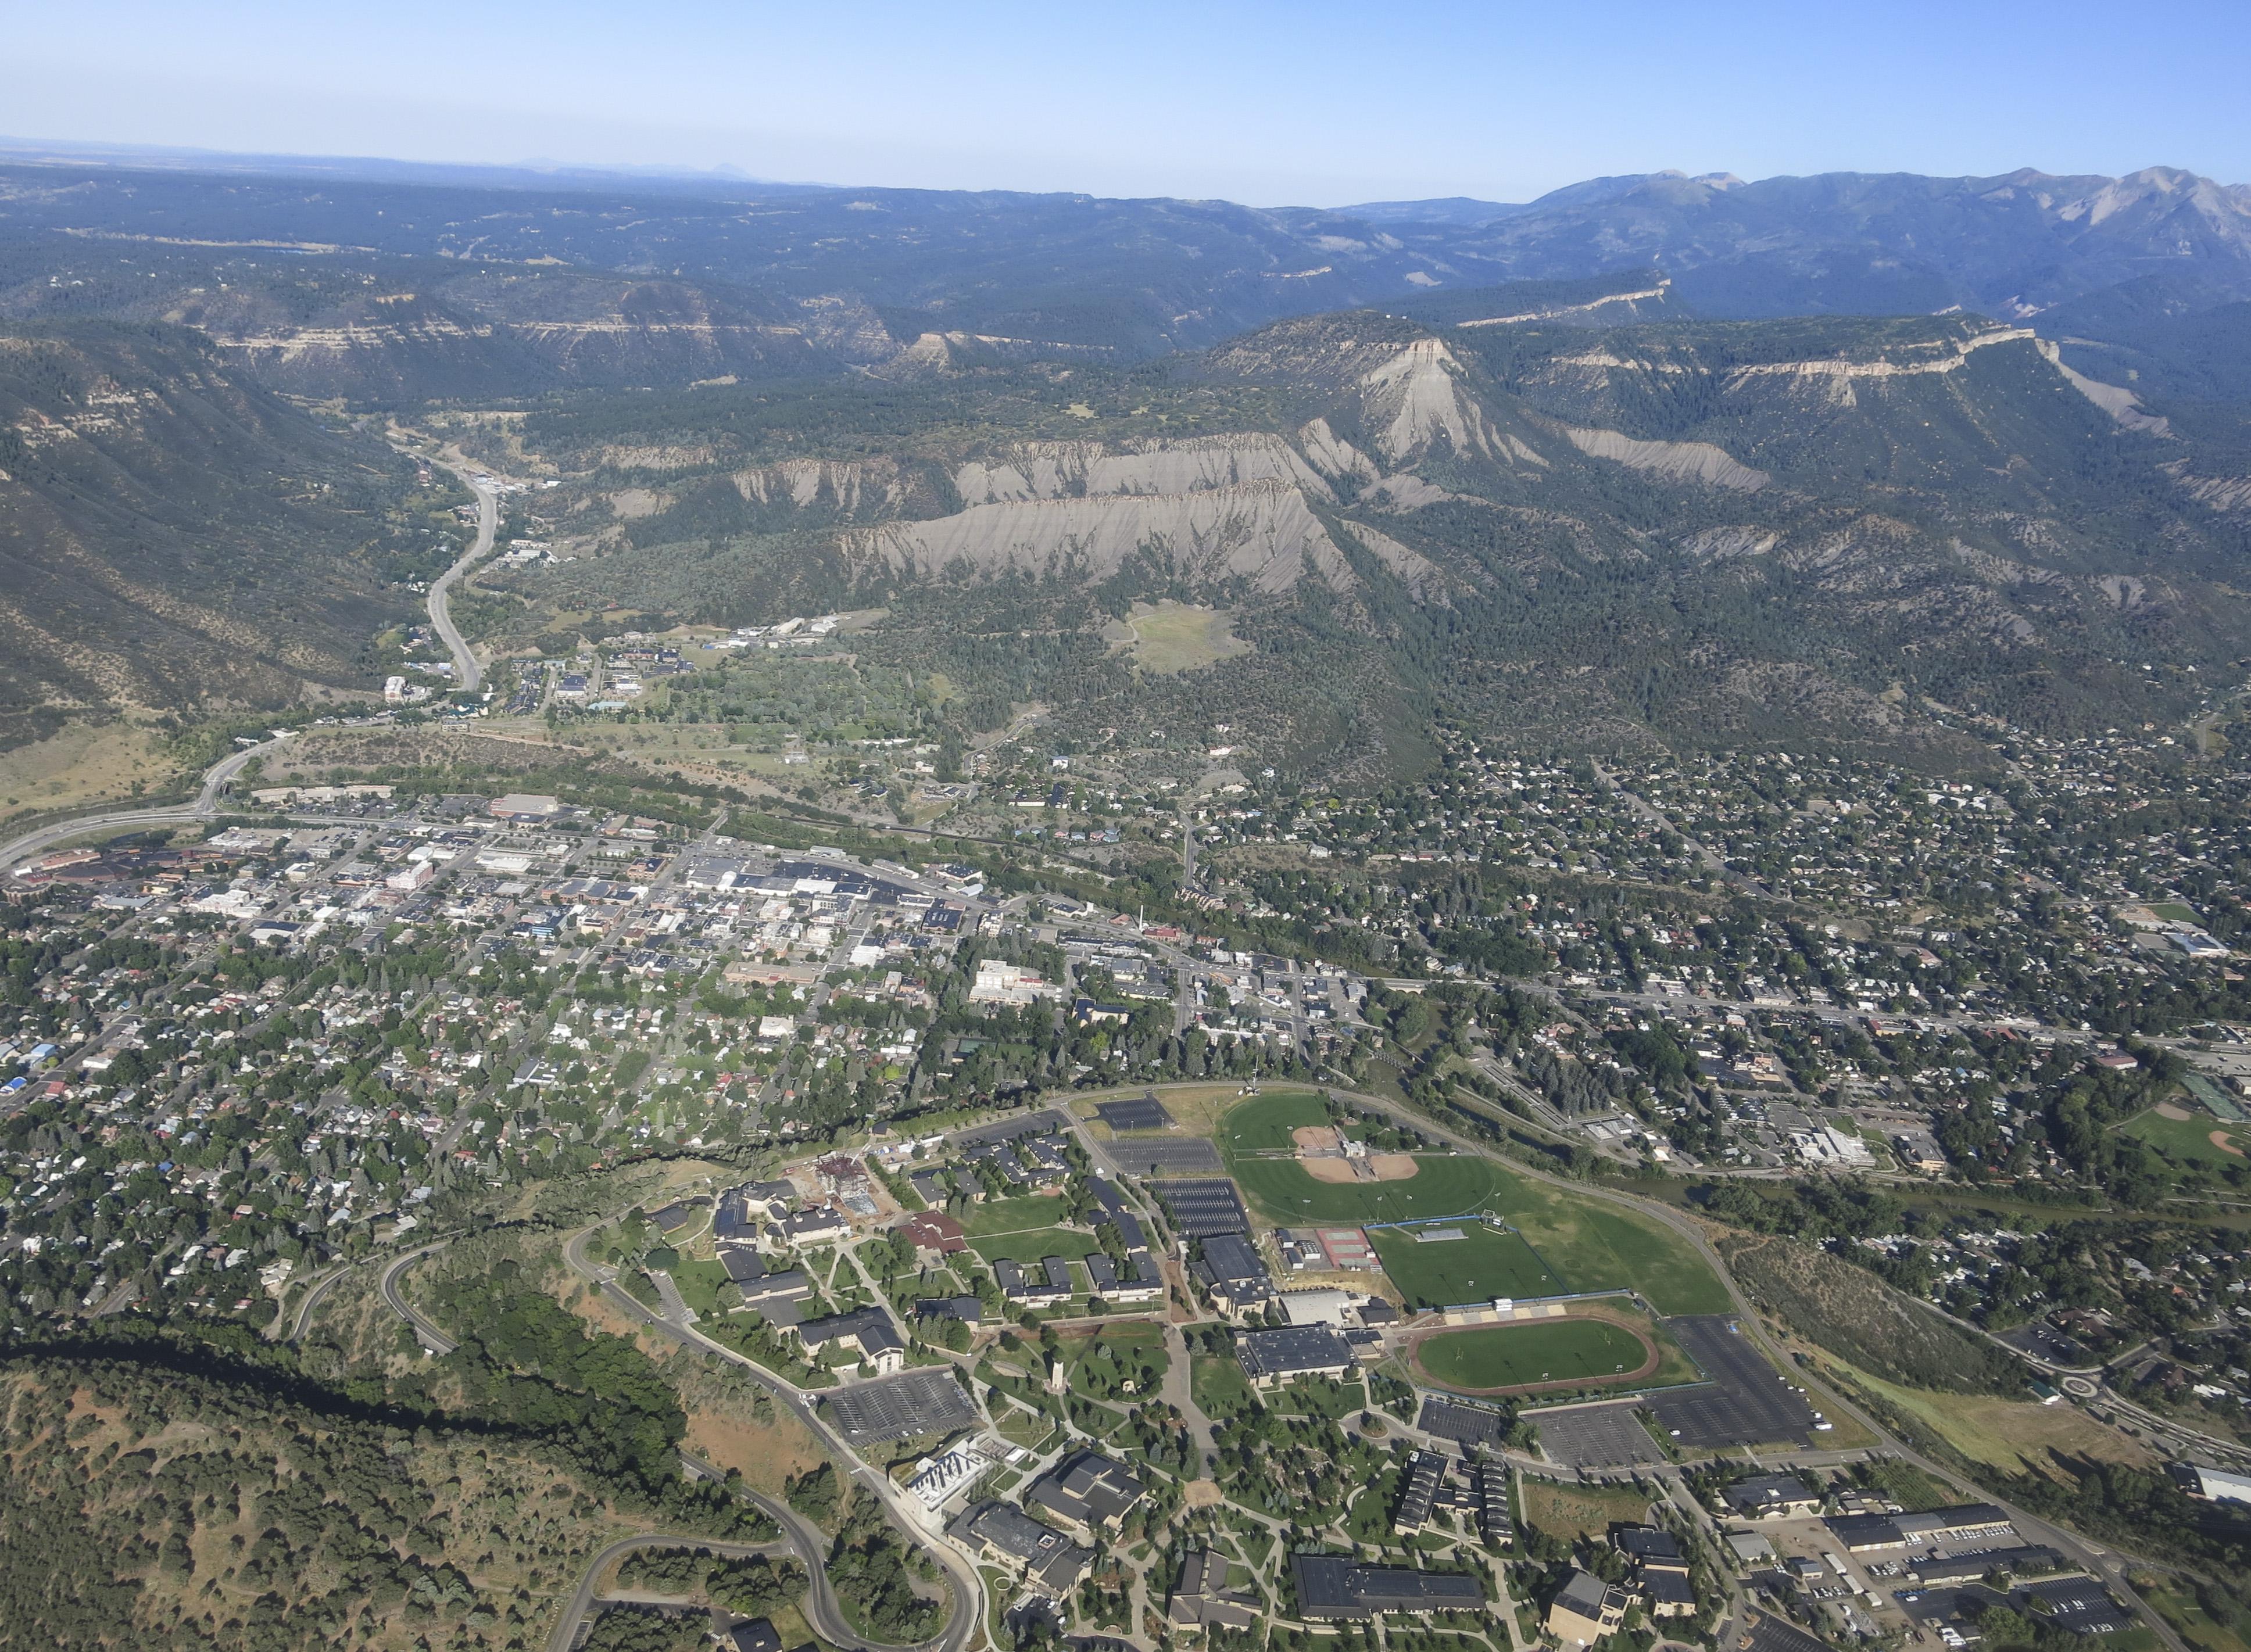 <p>An aerial view of Durango, Colorado.</p>